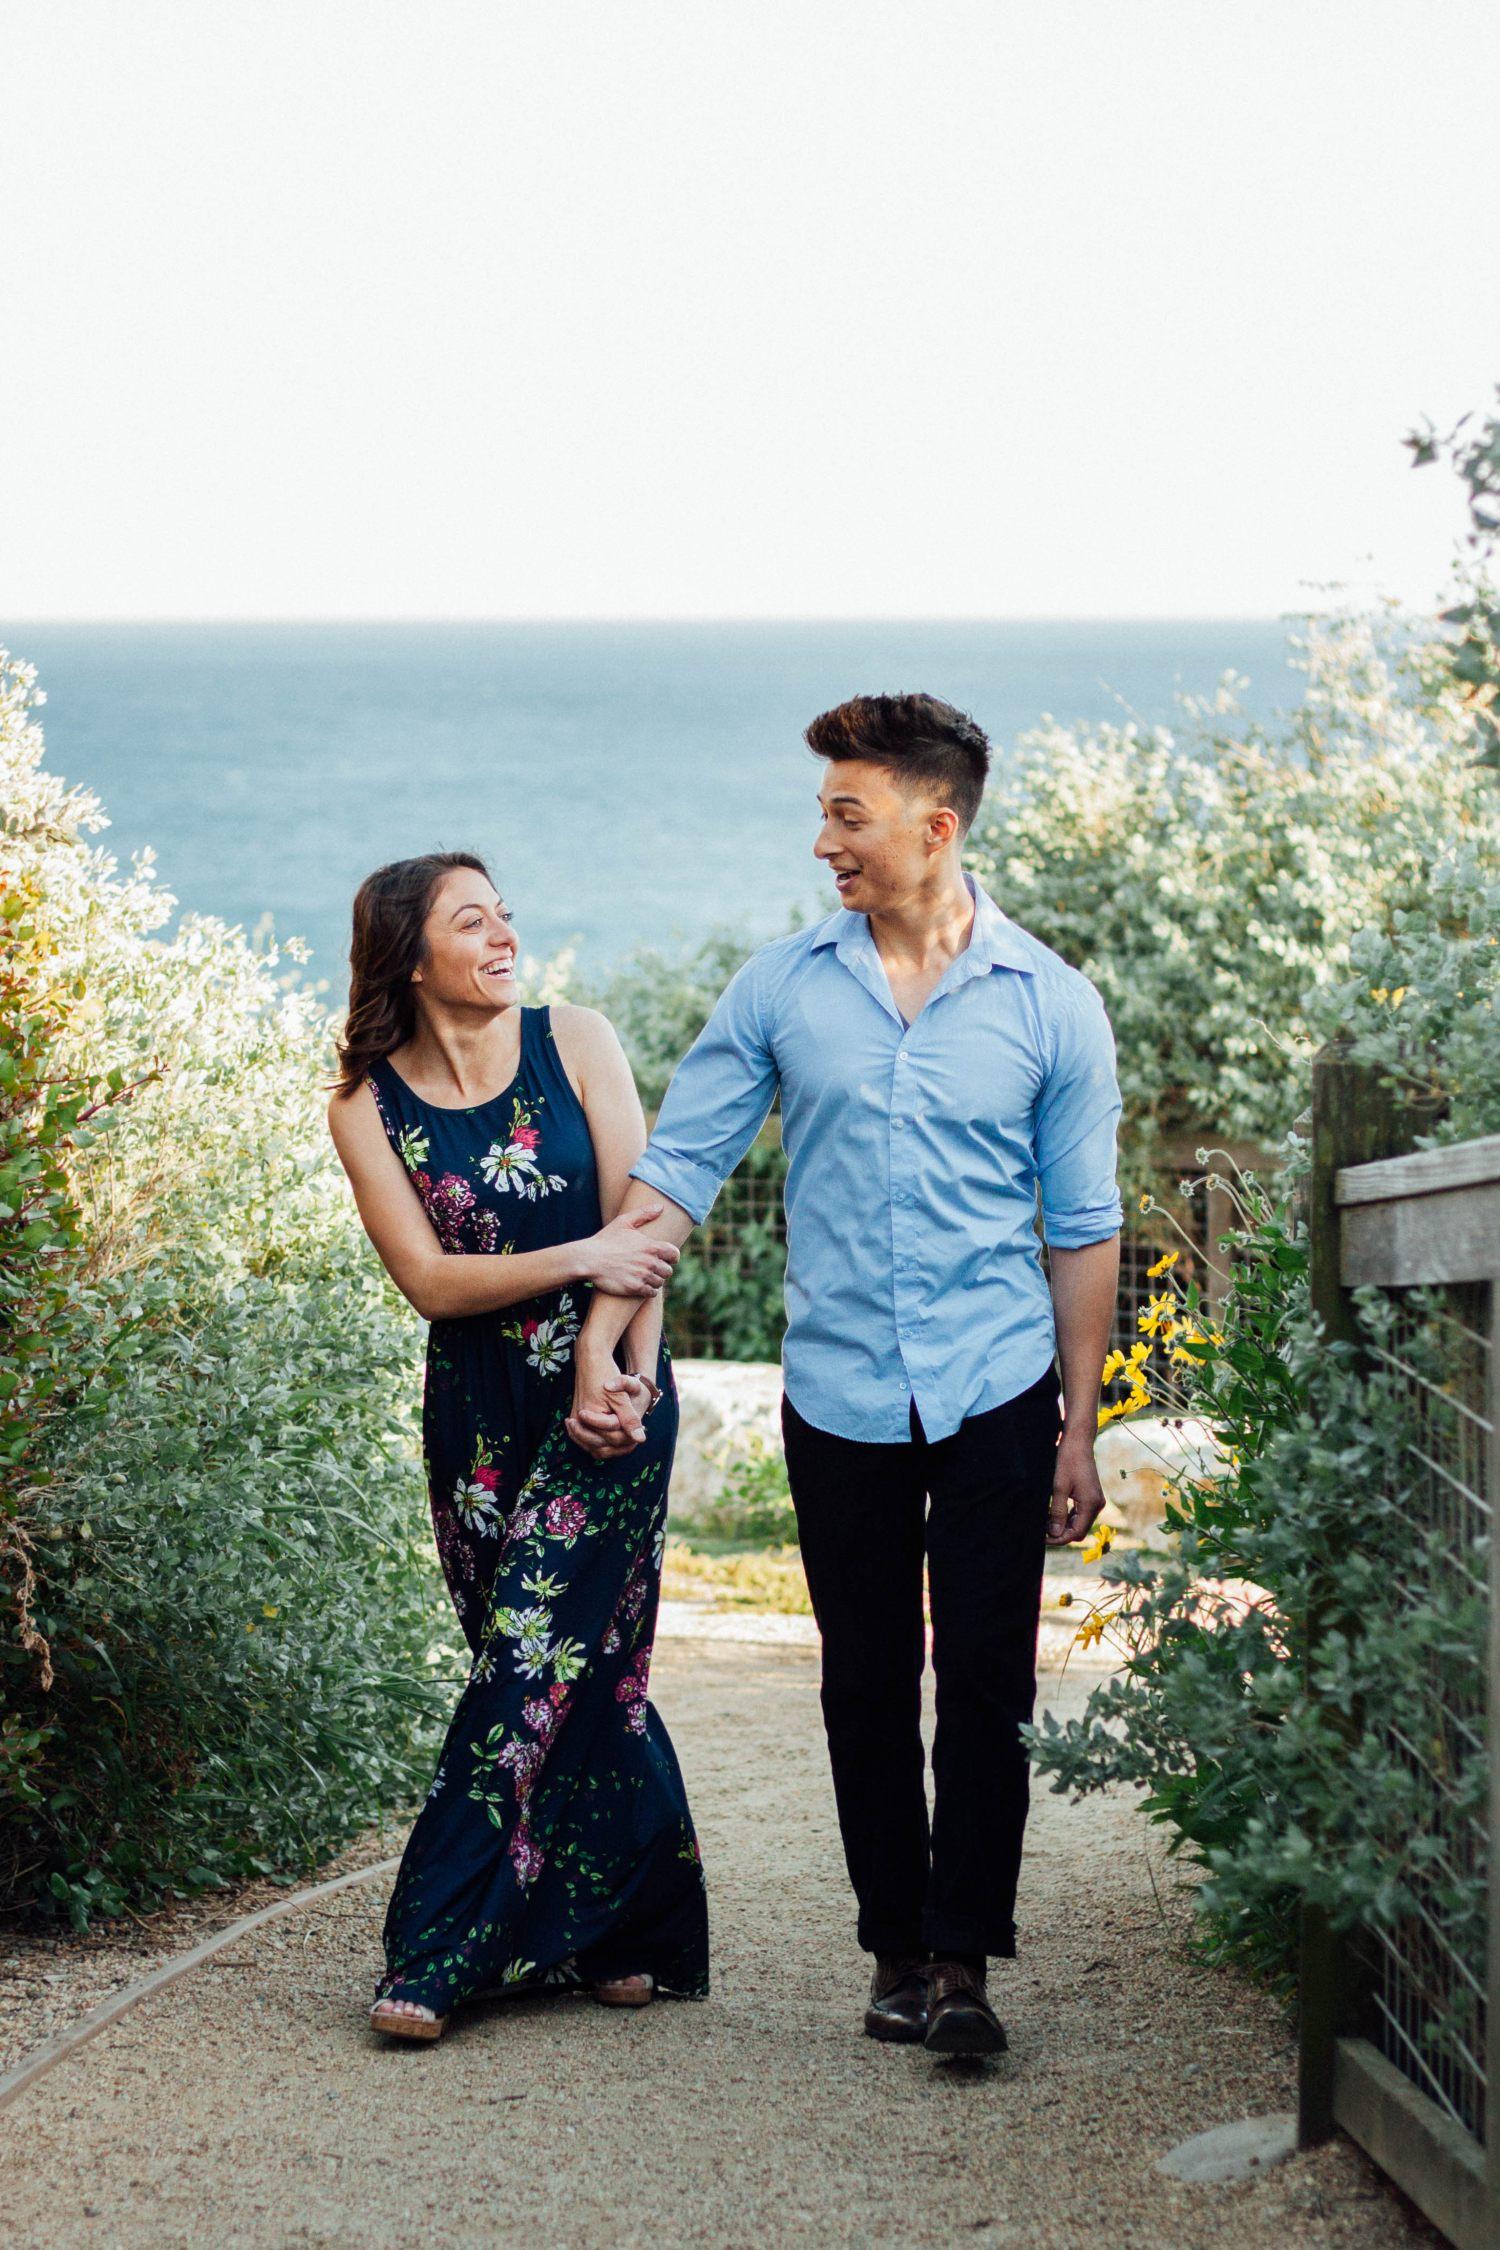 Terranea Beach , Palos Verdes - Engagement Session